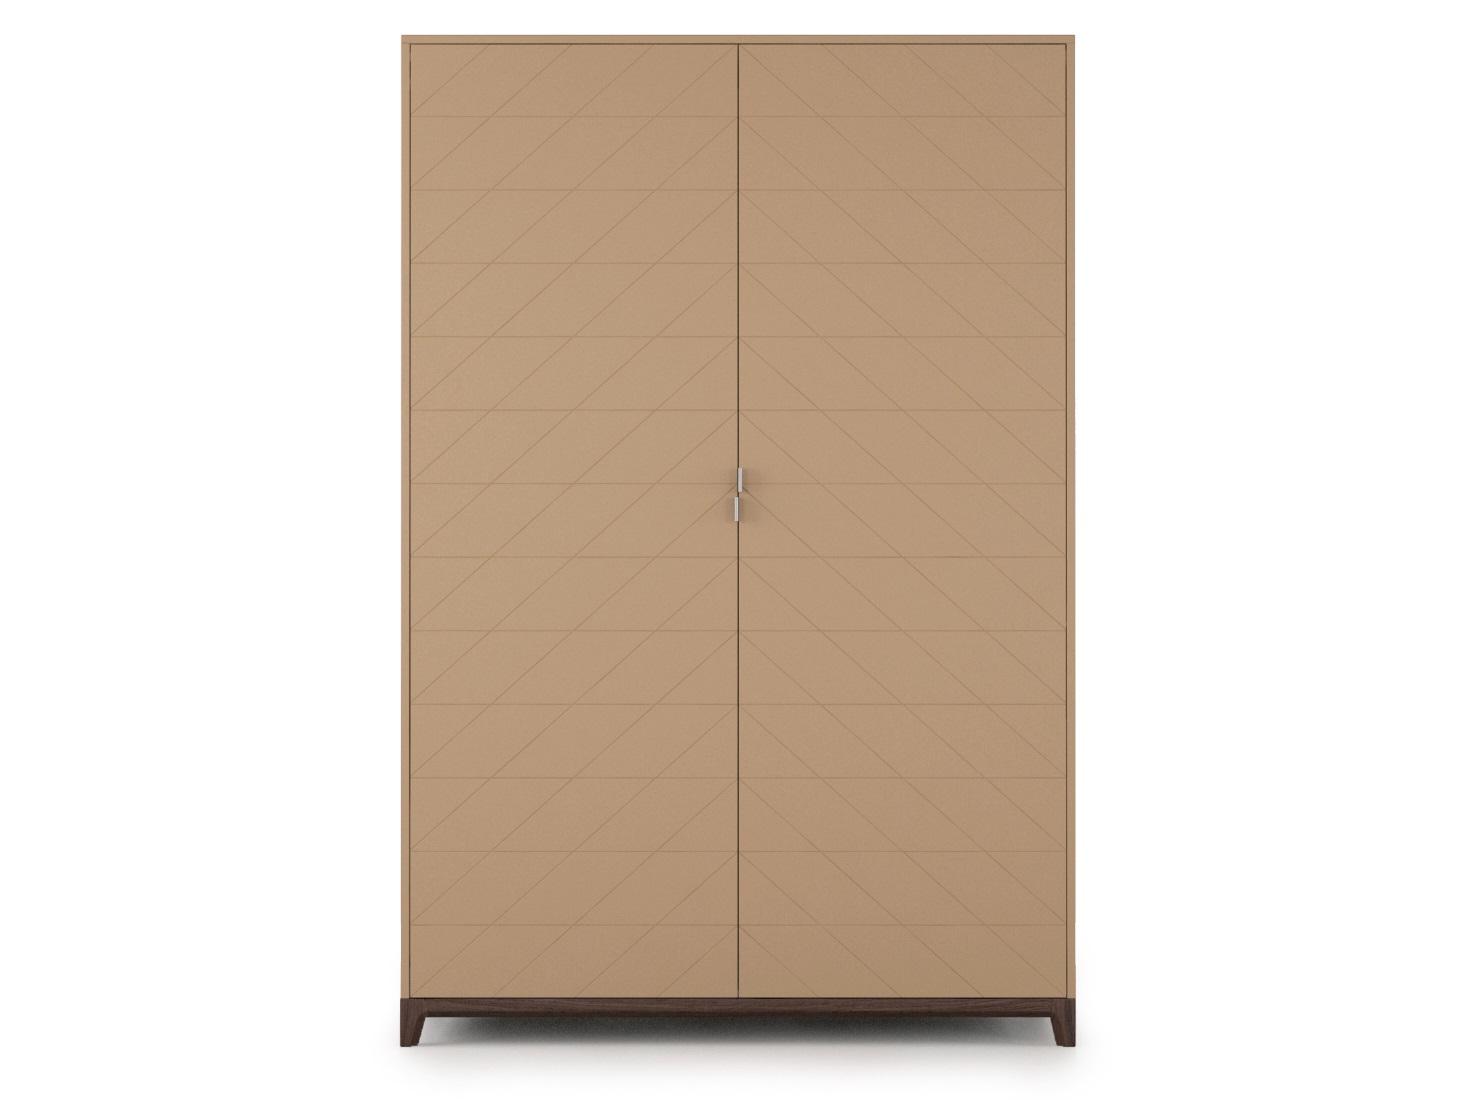 Шкаф CASEПлатяные шкафы<br>Вместительный, прочный и удобный шкаф CASE сочетает в себе продуманную структуру и современный дизайн. Внутри шкафа комфортно расположены полки, выдвижные ящики и штанги для вешалок.Благодаря отсутствию в конструкции лишних элементов и сбалансированной форме шкаф не выглядит массивным, а фасады с объемной фрезеровкой завершают его образ. Шкаф CASE рассчитан на комфортное использование для одного или двух человек.Основание выполнено из массива дуба, а корпус – из мдф, что гарантирует прочность и экологичность изделия. Благодаря качественной фурнитуре, вместительные ящики двигаются плавно и бесшумно.  А главная изюминка коллекции - это фасады с объемной фрезеровкой, цвет и дизайн которых вы можете выбрать сами.&amp;lt;div&amp;gt;&amp;lt;br&amp;gt;&amp;lt;/div&amp;gt;&amp;lt;div&amp;gt;&amp;lt;br&amp;gt;&amp;lt;/div&amp;gt;<br><br>Material: Дуб<br>Ширина см: 140<br>Высота см: 210<br>Глубина см: 60